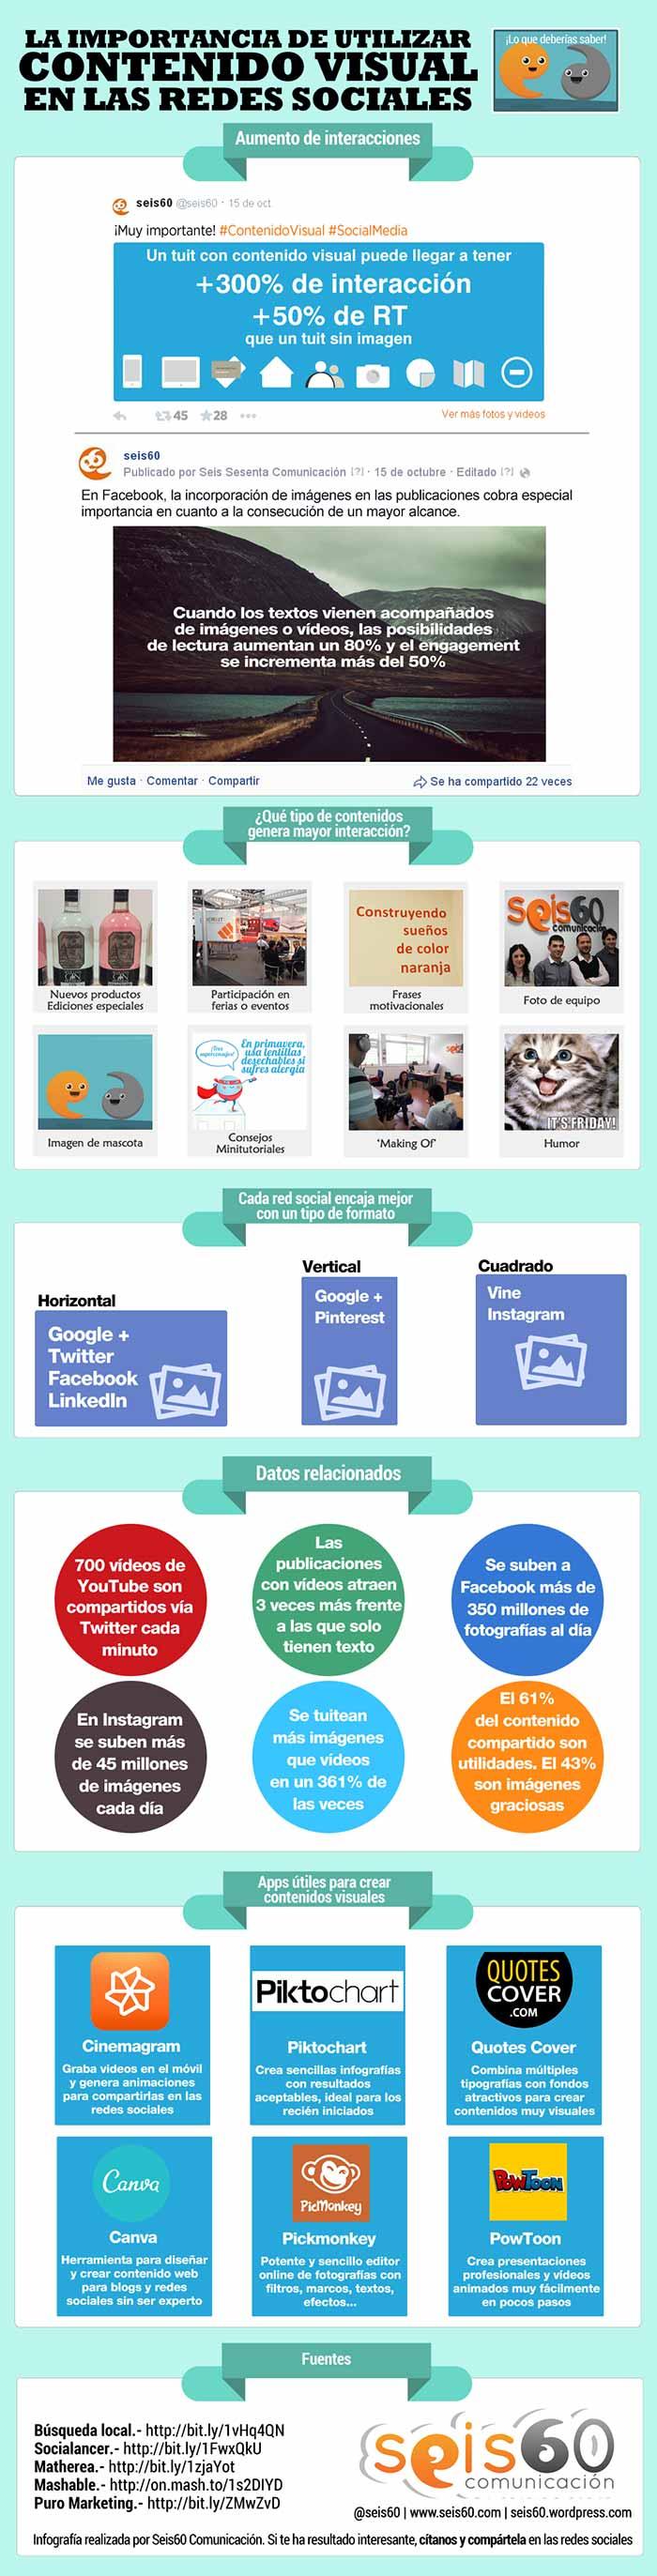 Infografia sobre la importancia de utilizar contenido visual en las redes sociales